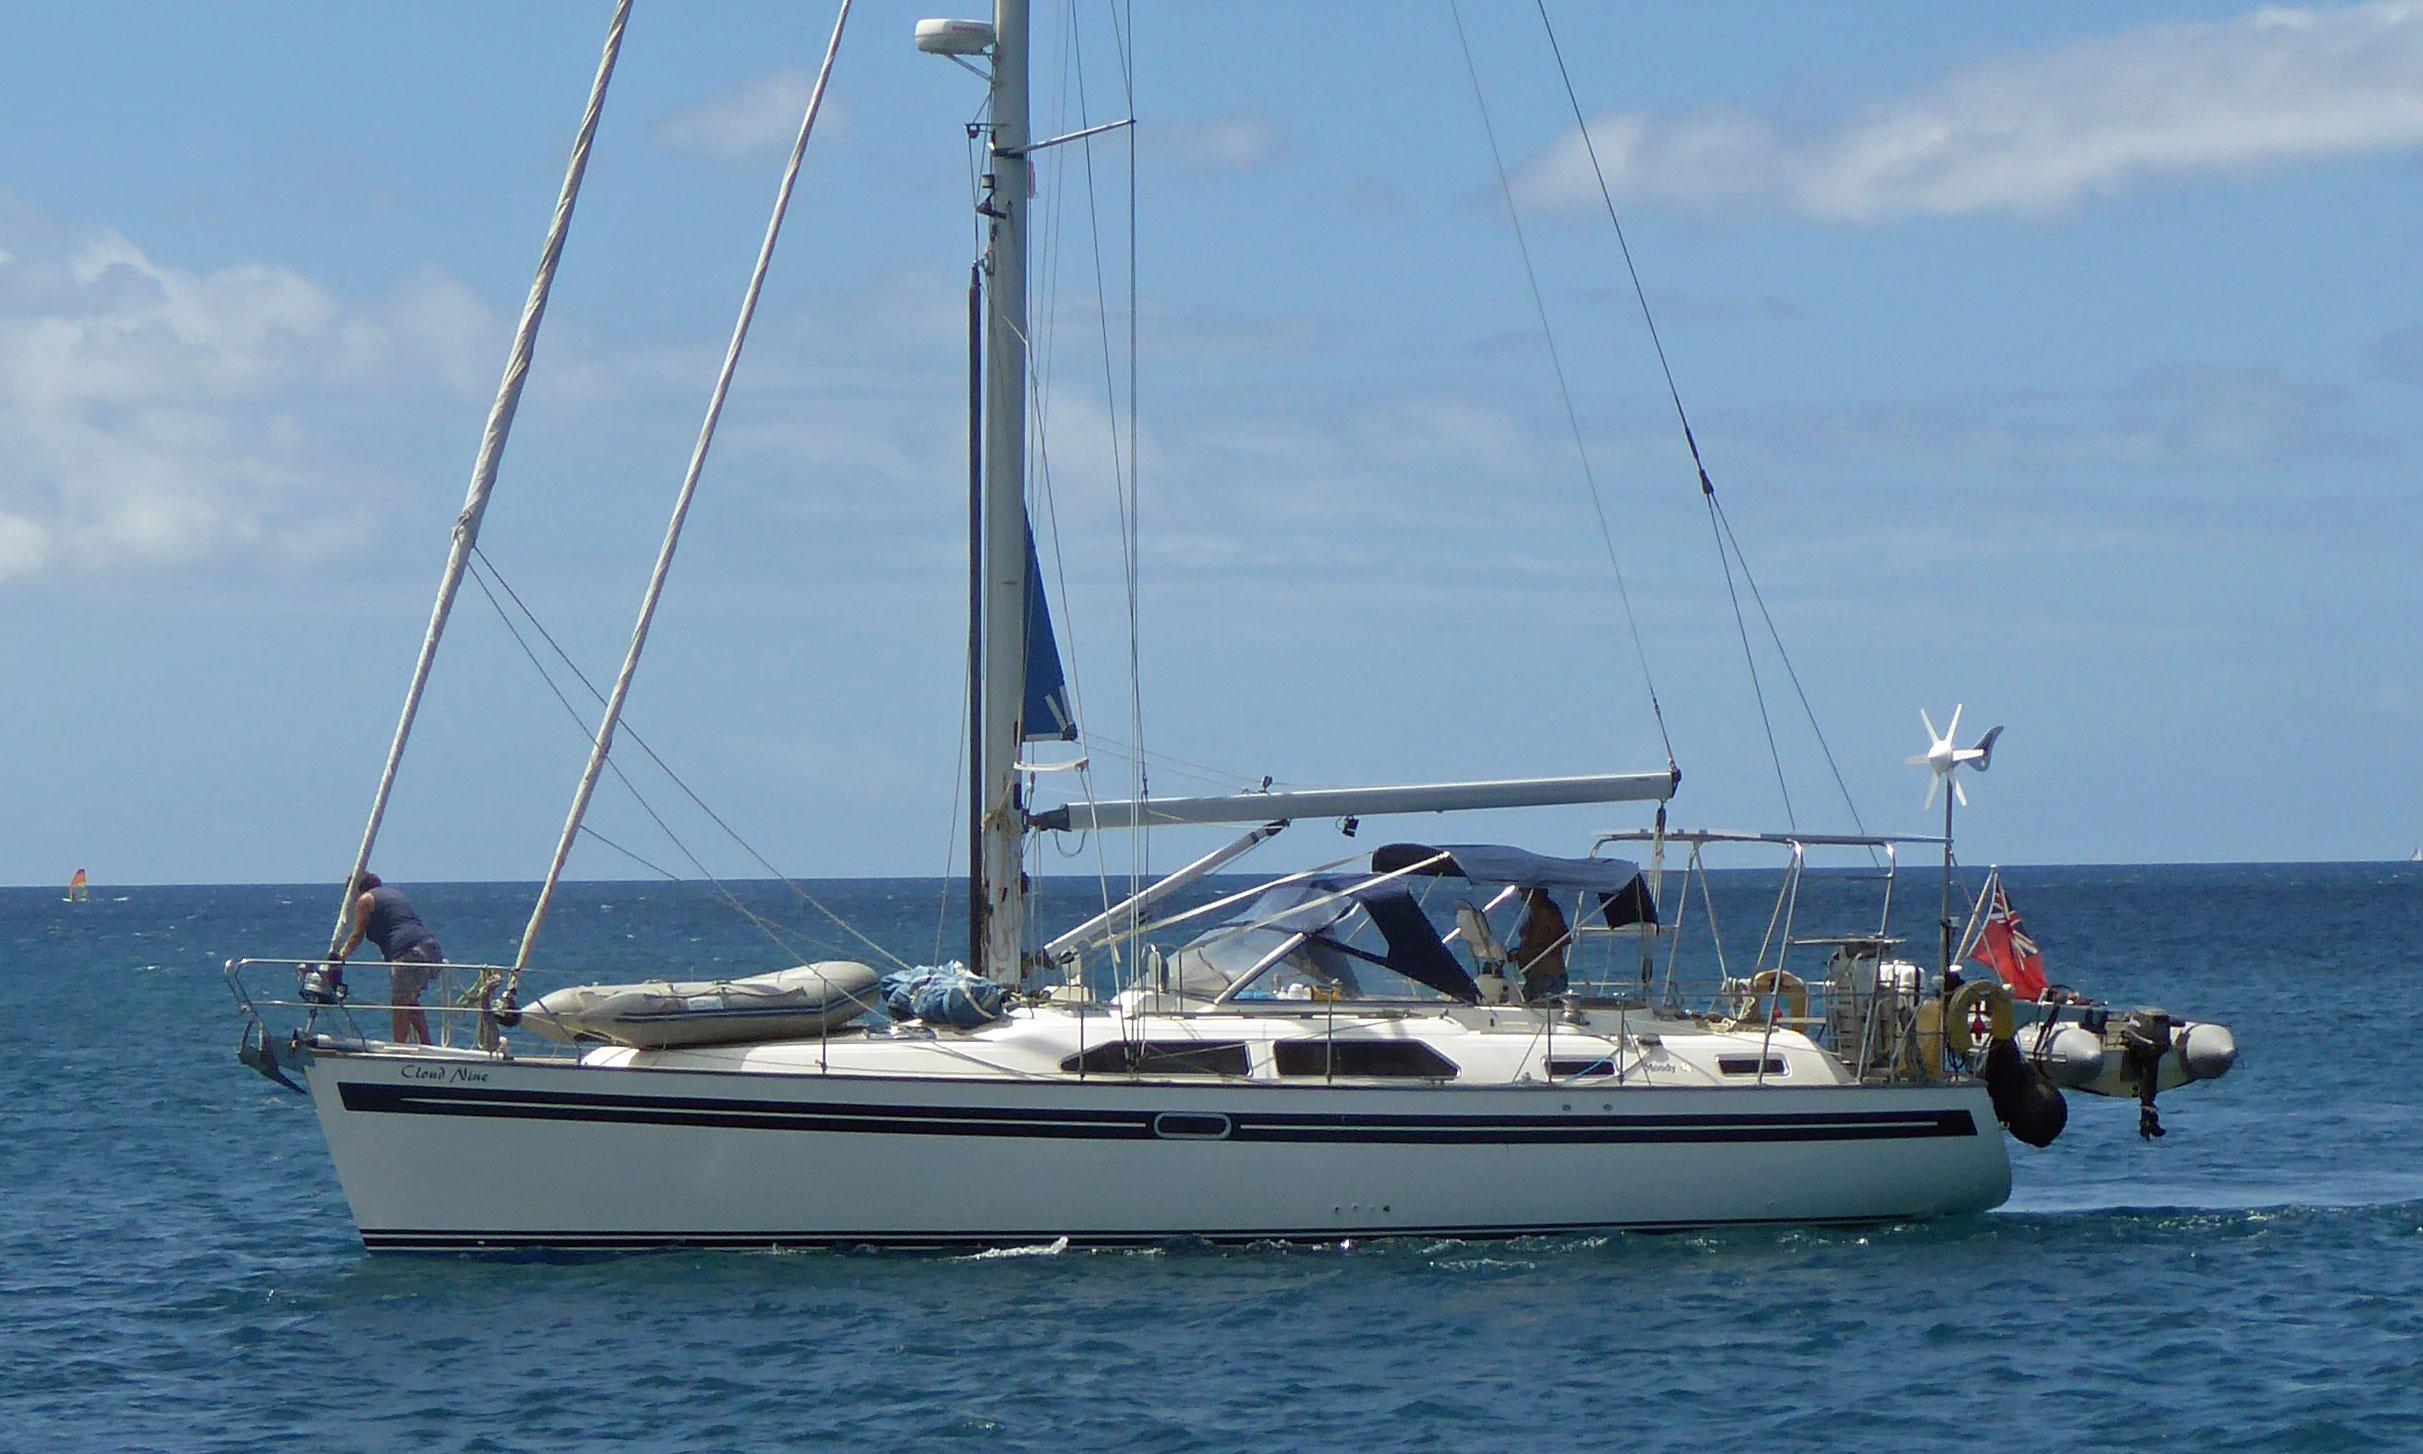 A Moody 46 cruising sailboat